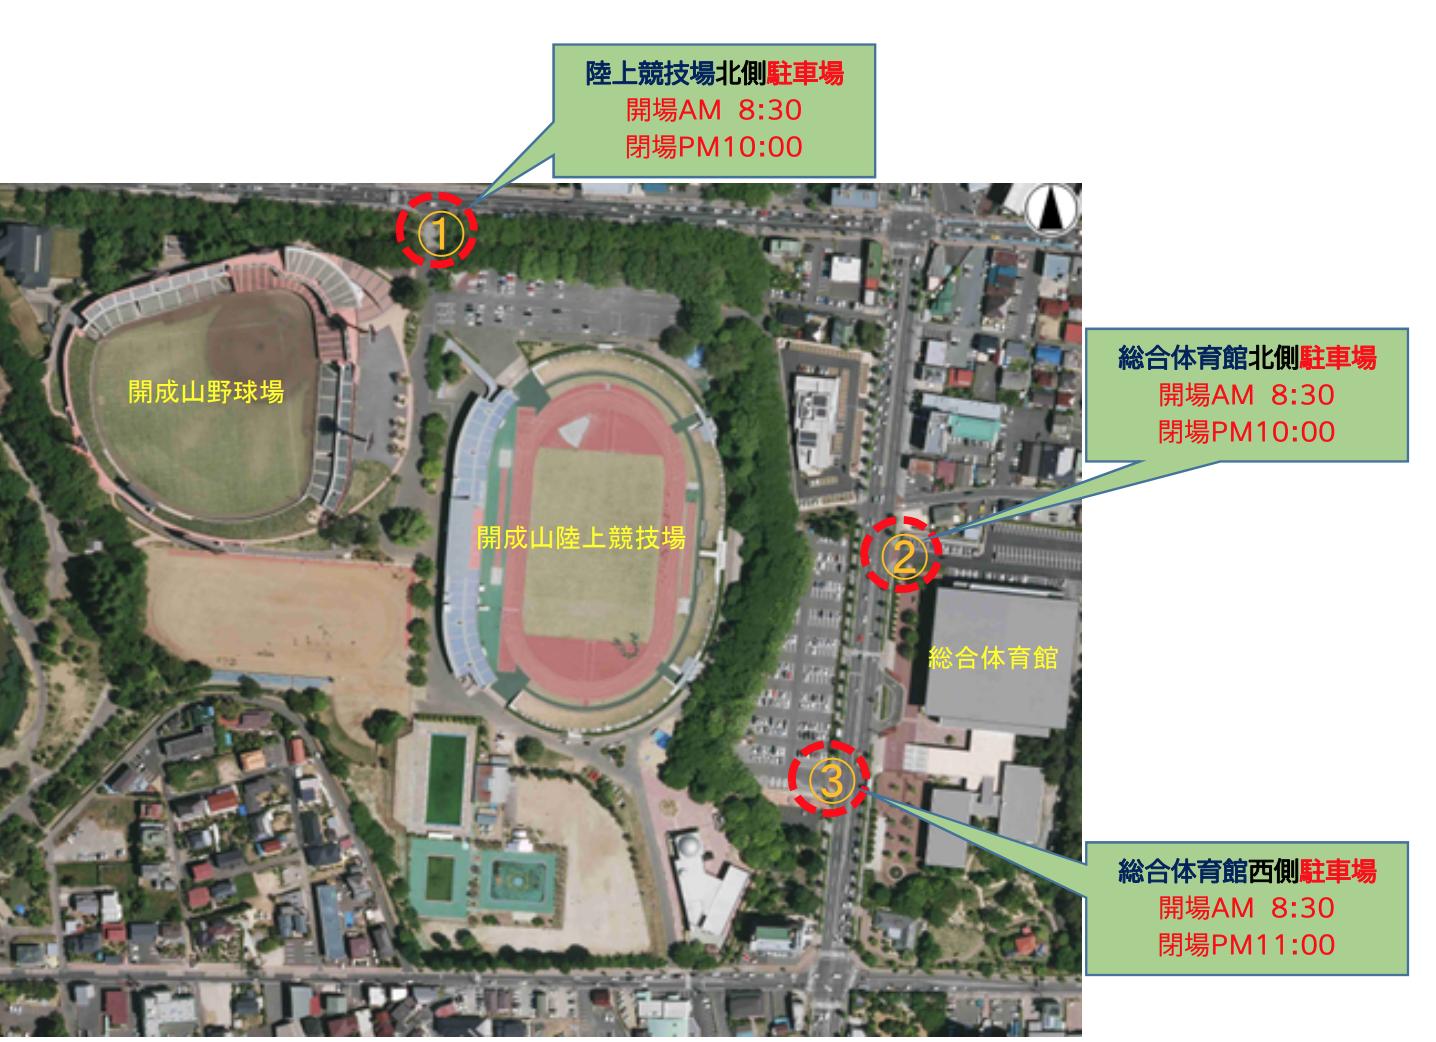 お花見シーズンは開成山公園の駐車場に駐車するのが難関な件